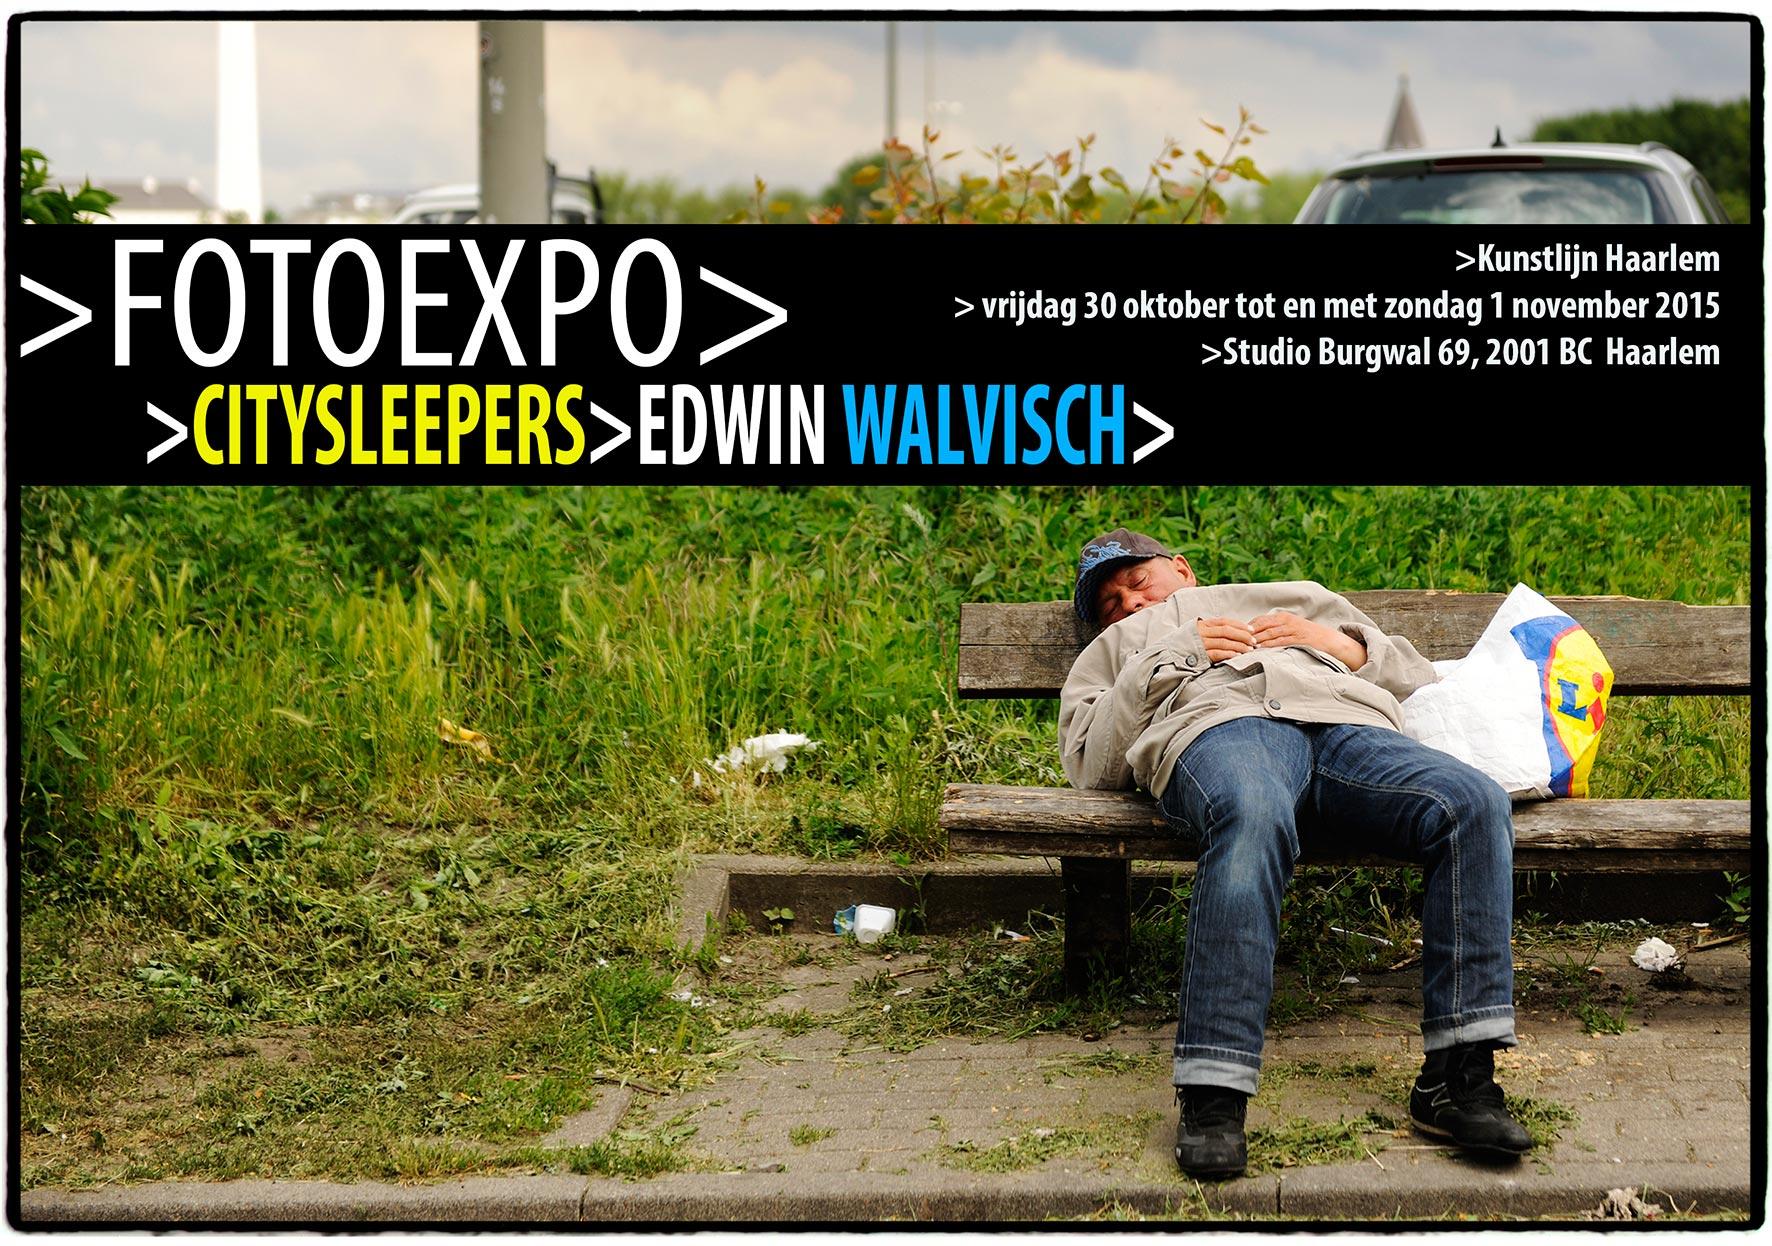 FotoExpo Citysleepers, Kunstlijn Haarlem>2015